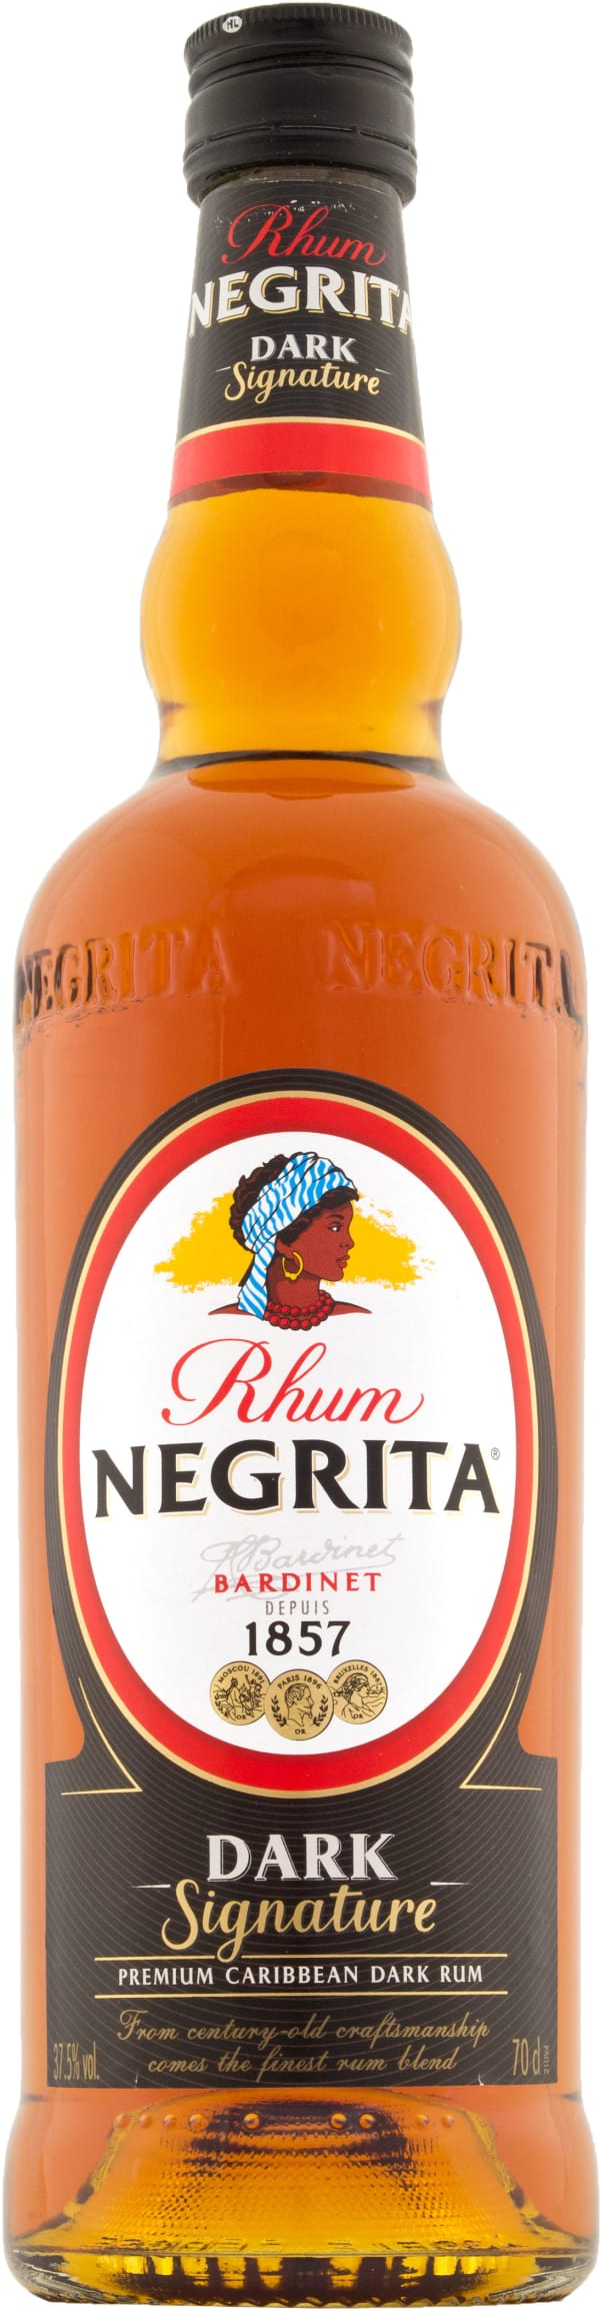 Rhum Negrita Dark Signature